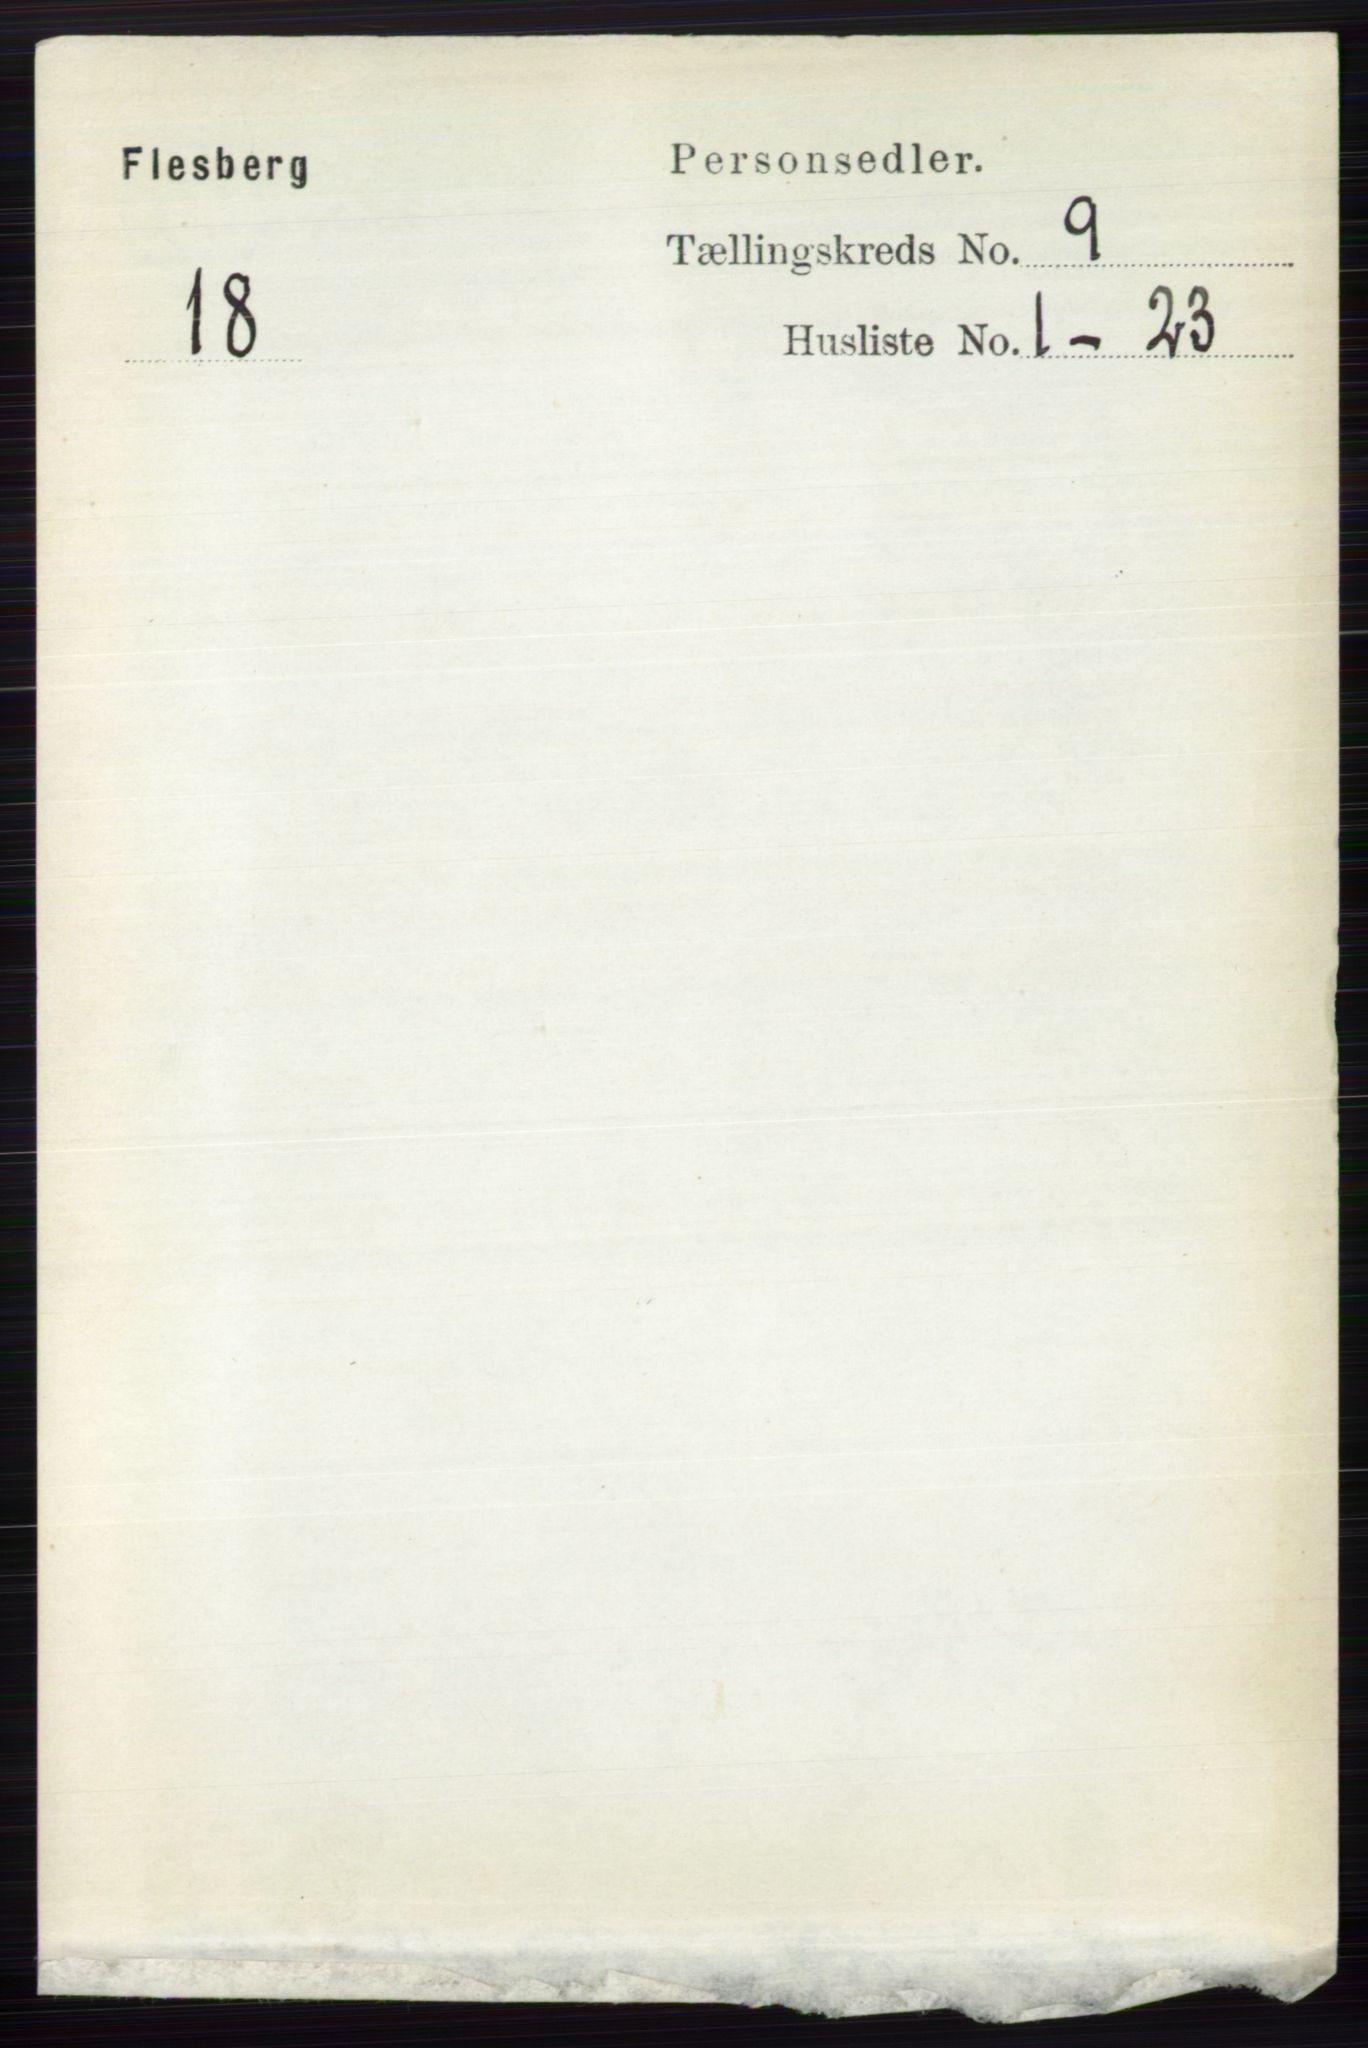 RA, Folketelling 1891 for 0631 Flesberg herred, 1891, s. 1525